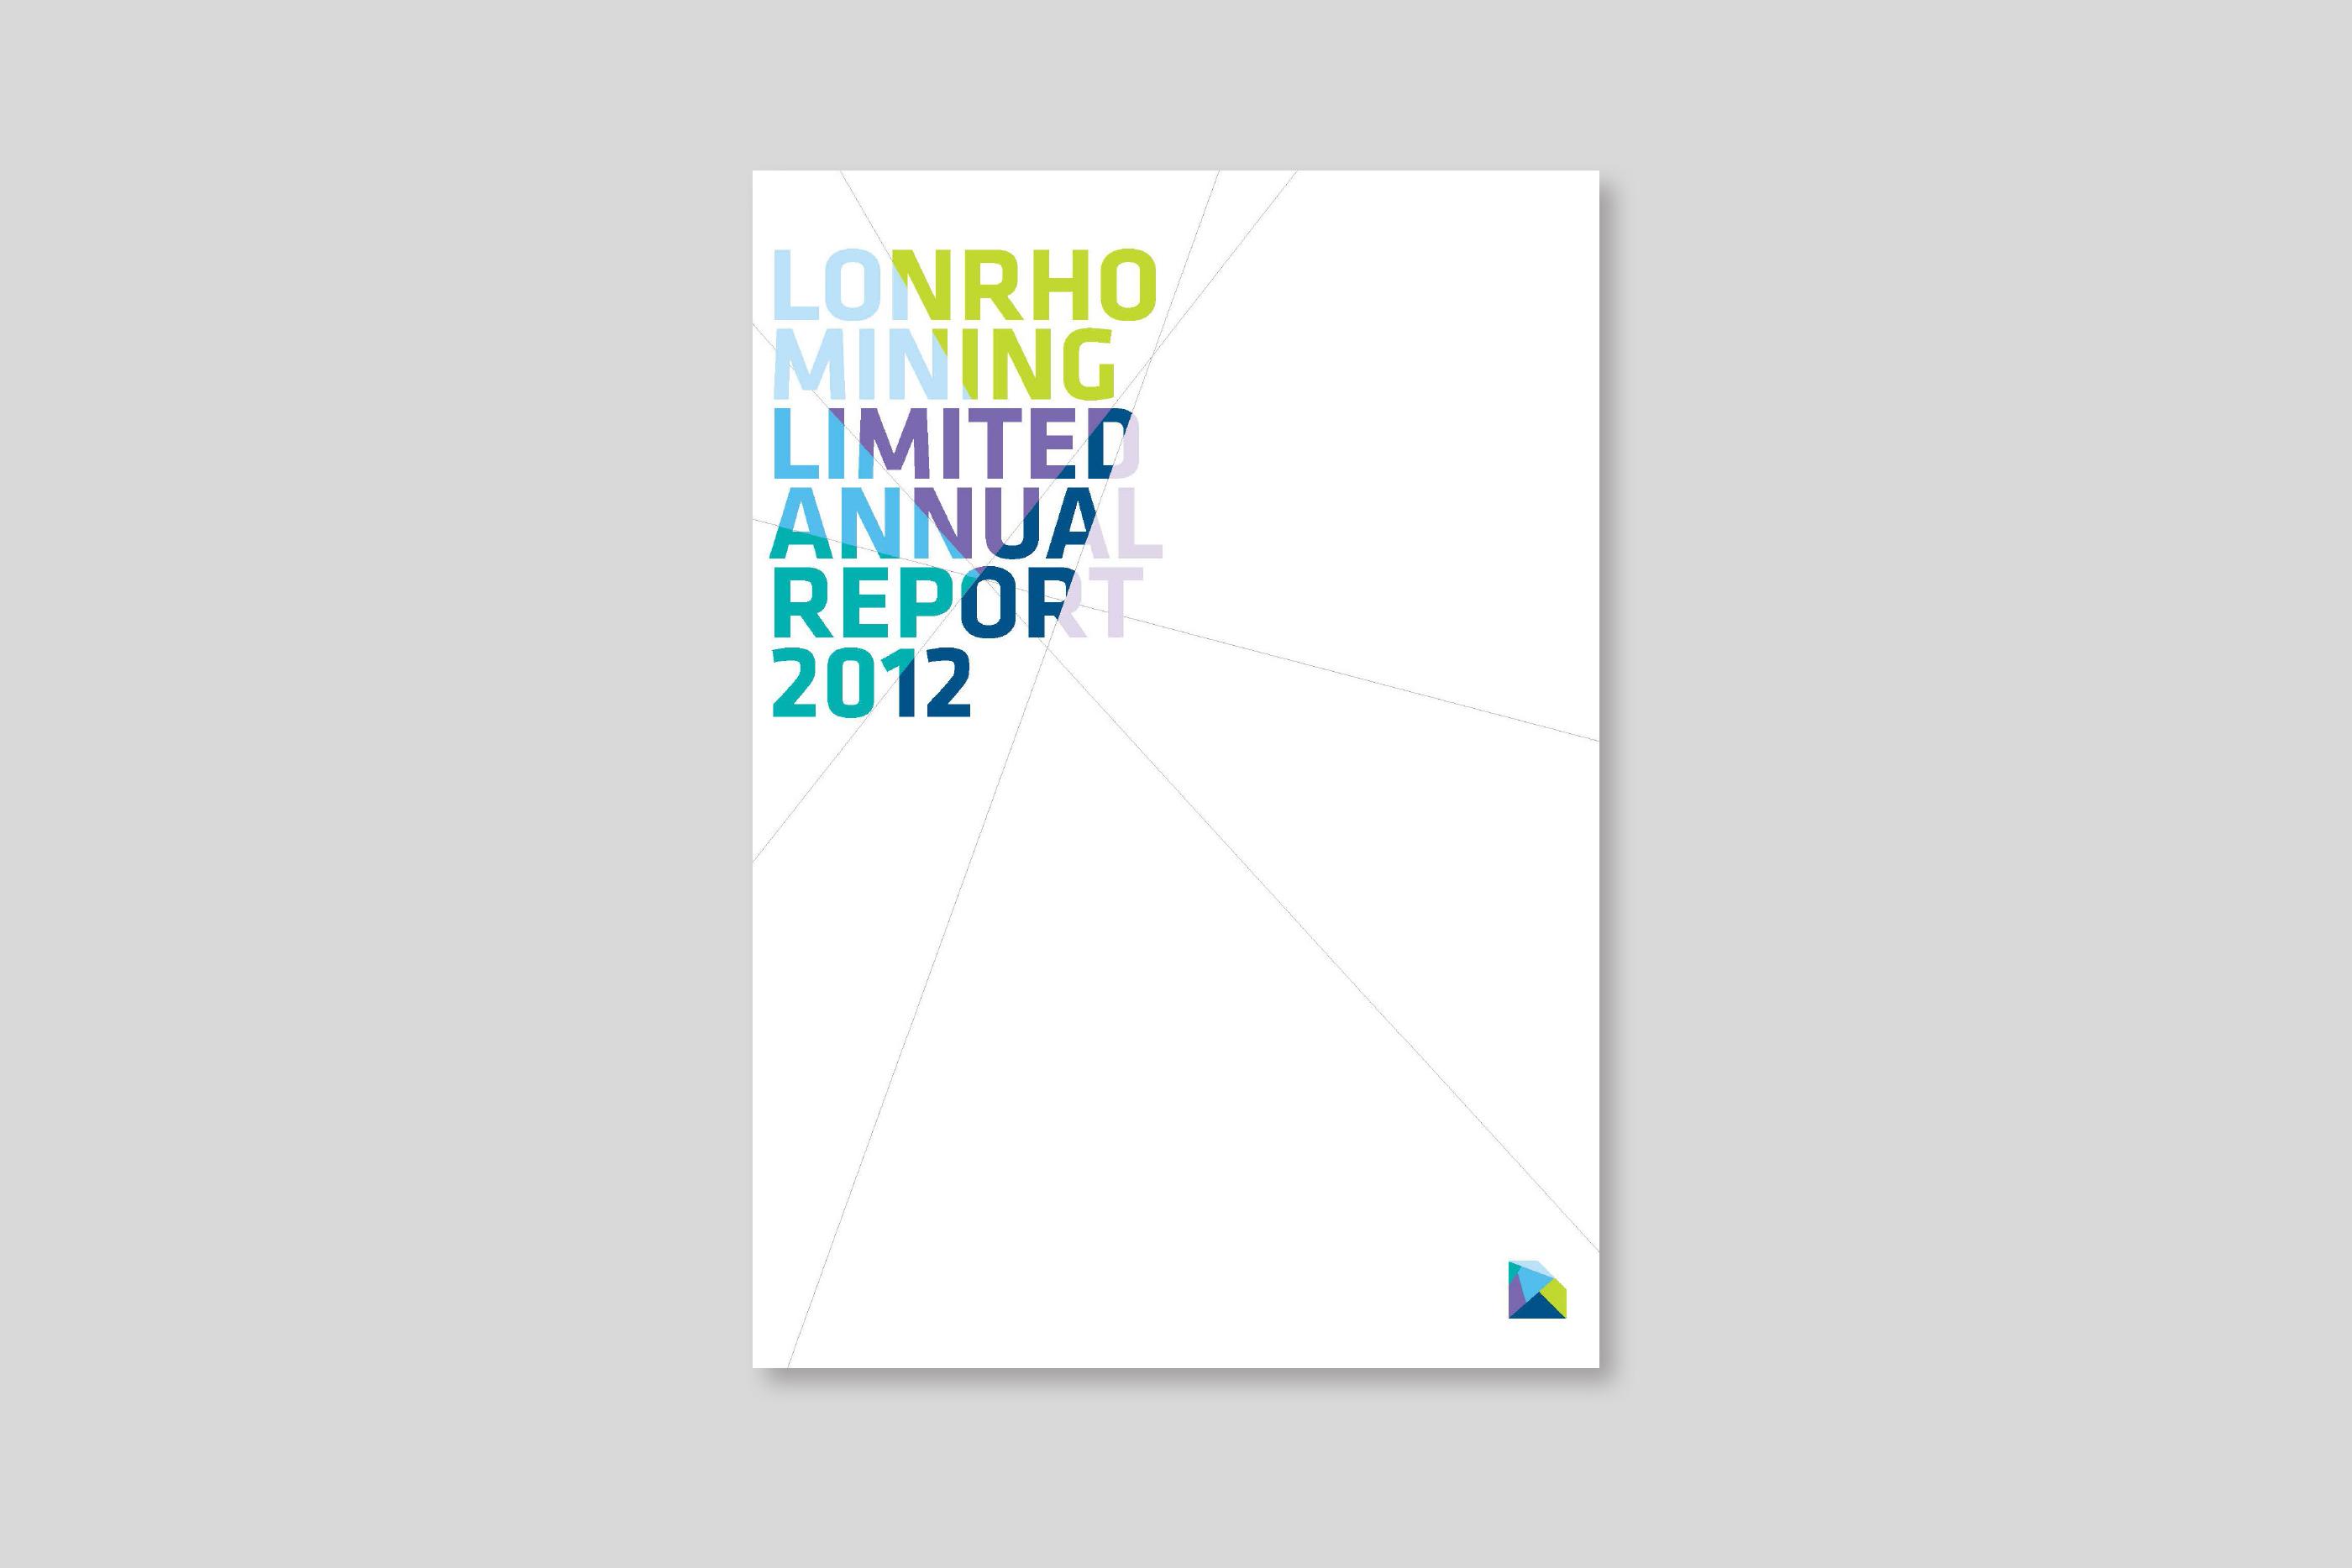 lonrho_ar_cover_2012